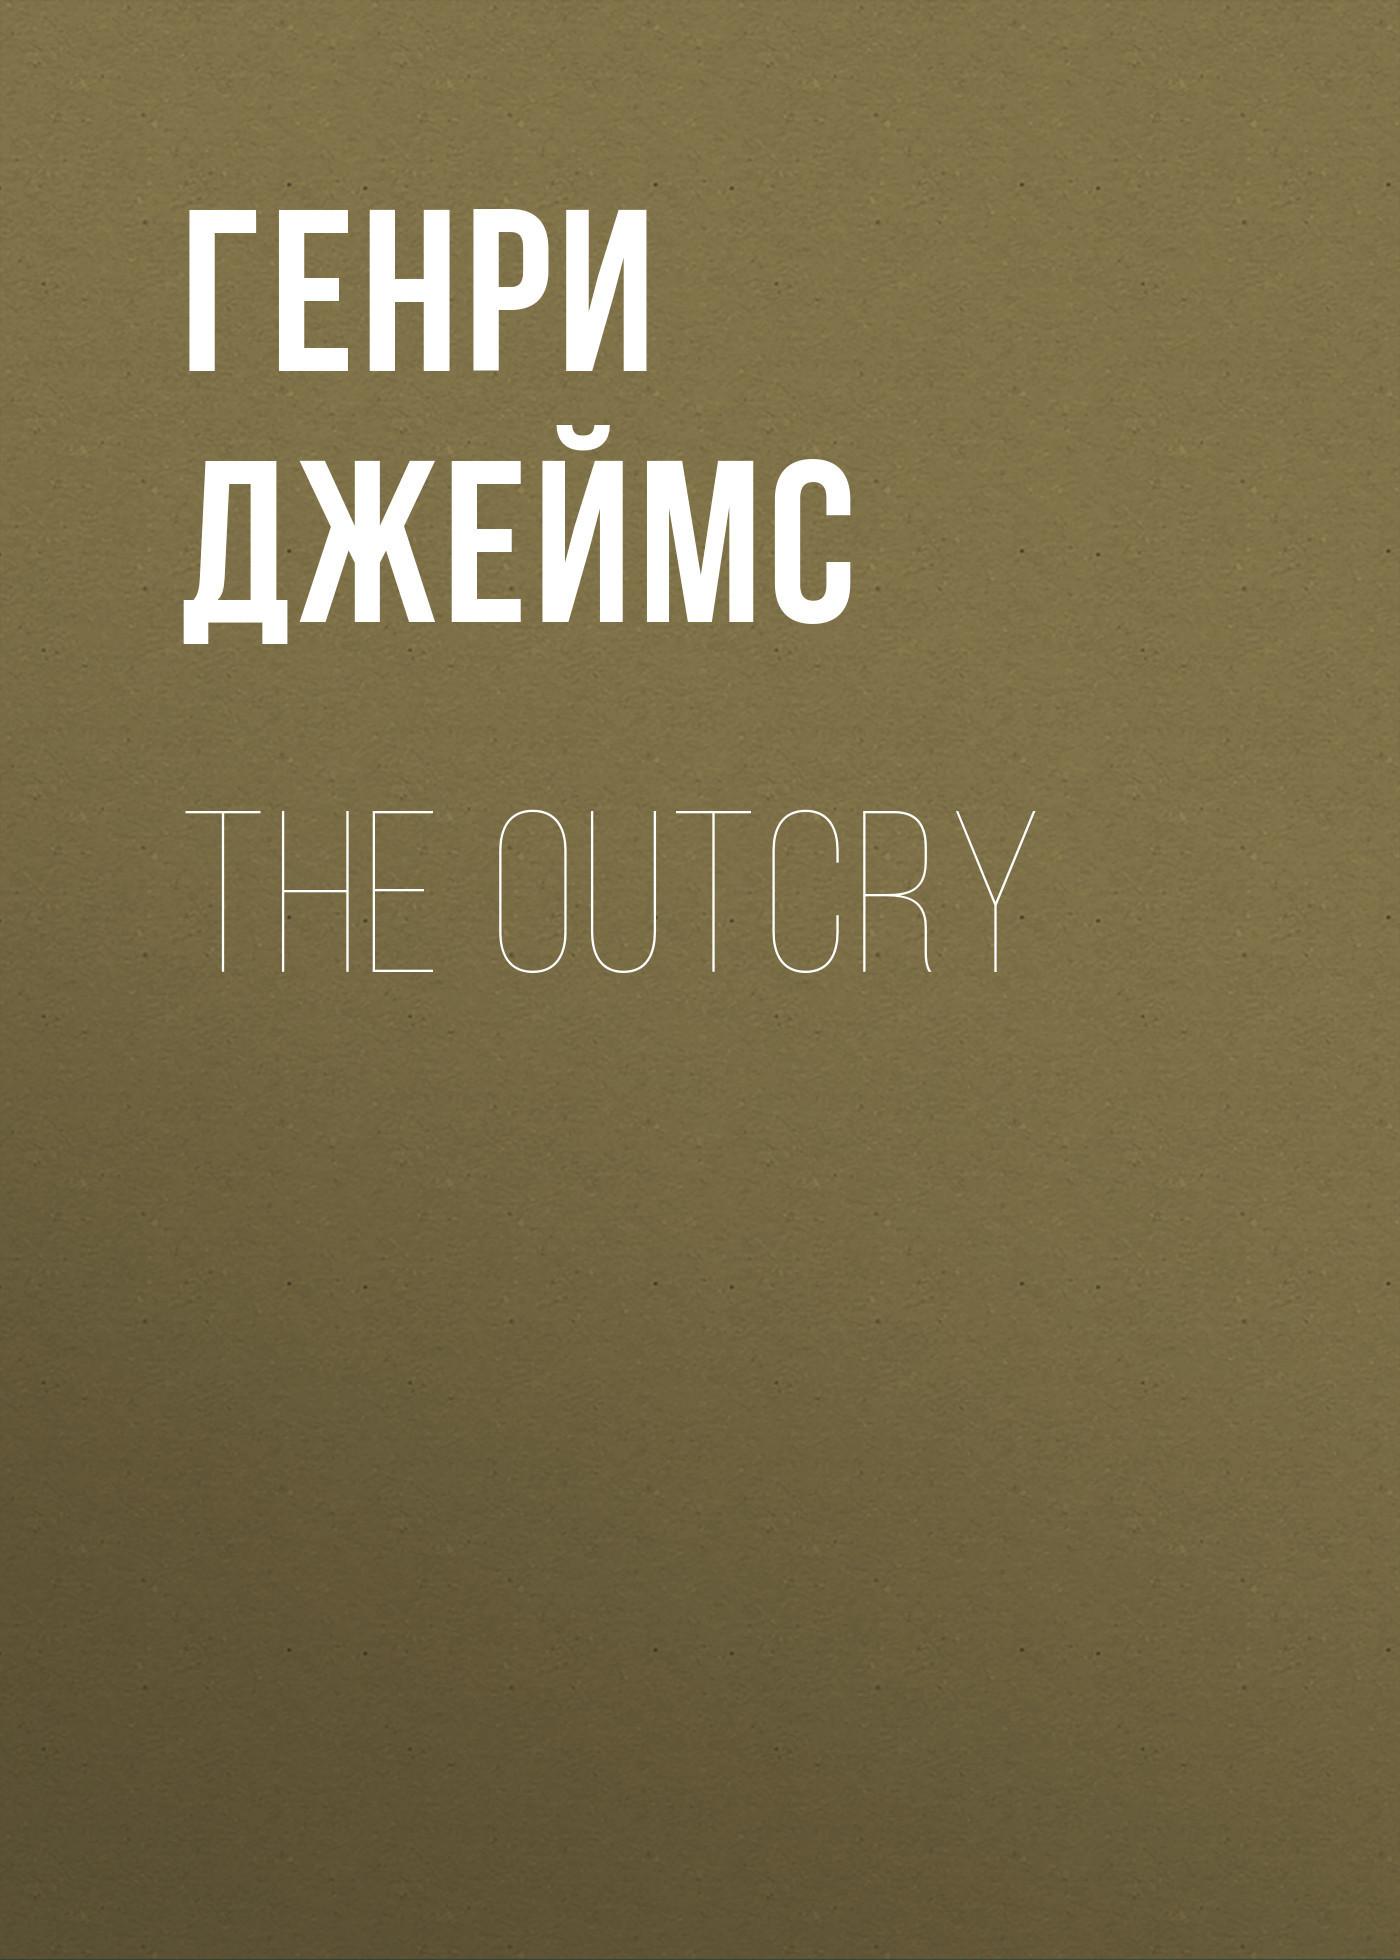 Генри Джеймс The Outcry